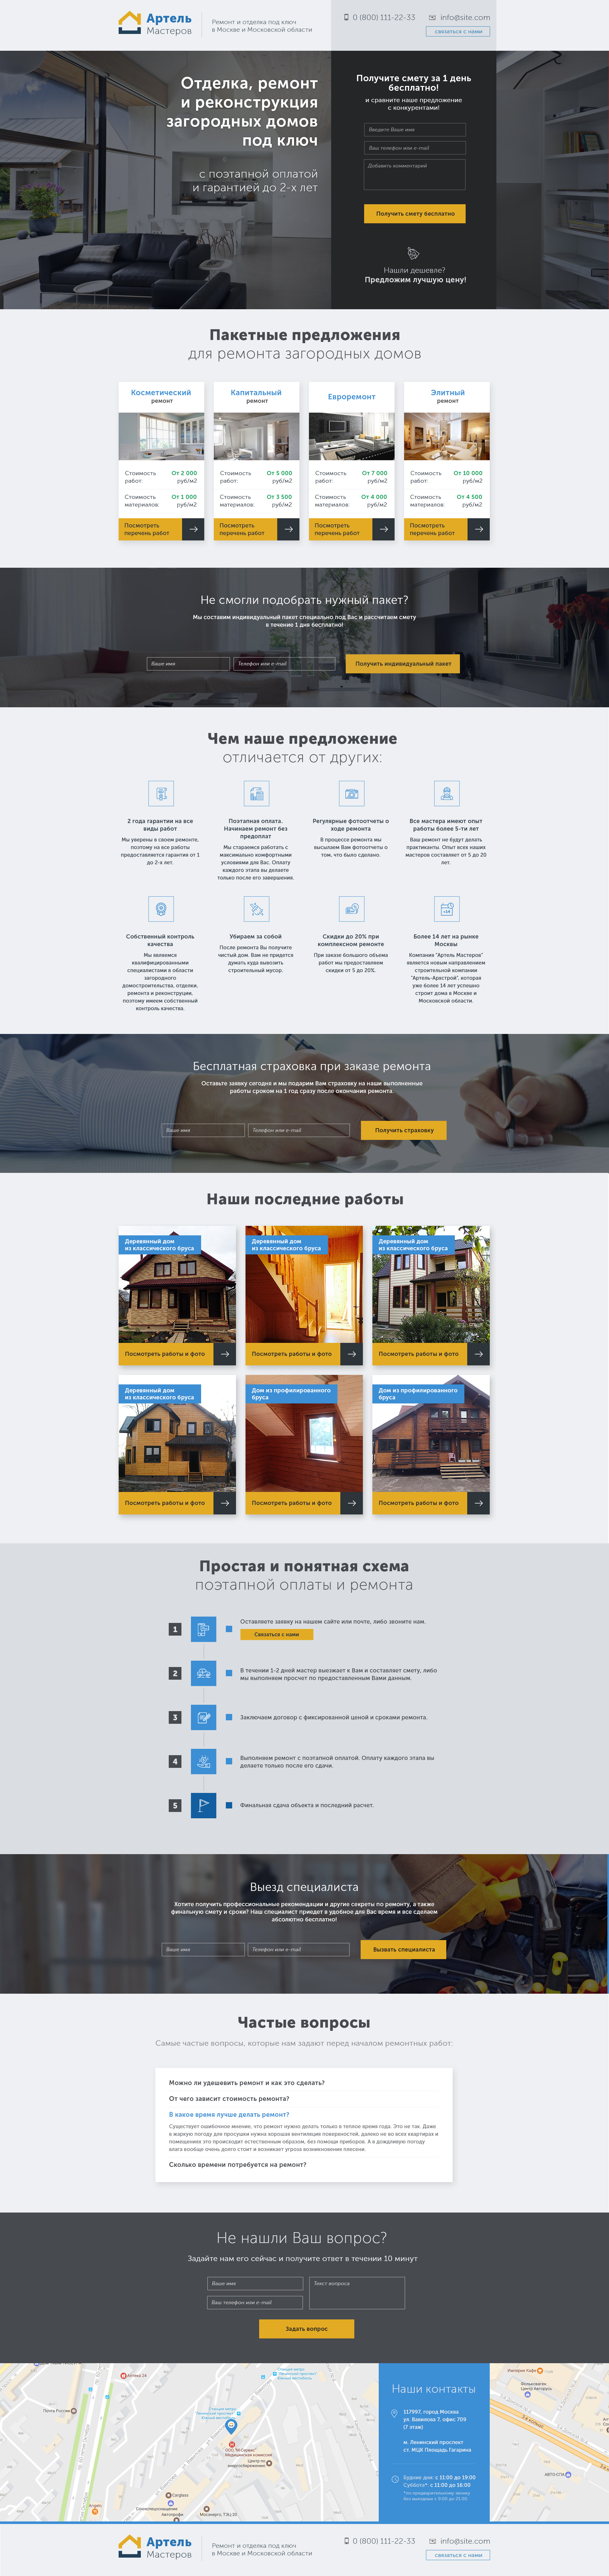 Разработка сайта для ремонтной компании в Москве.